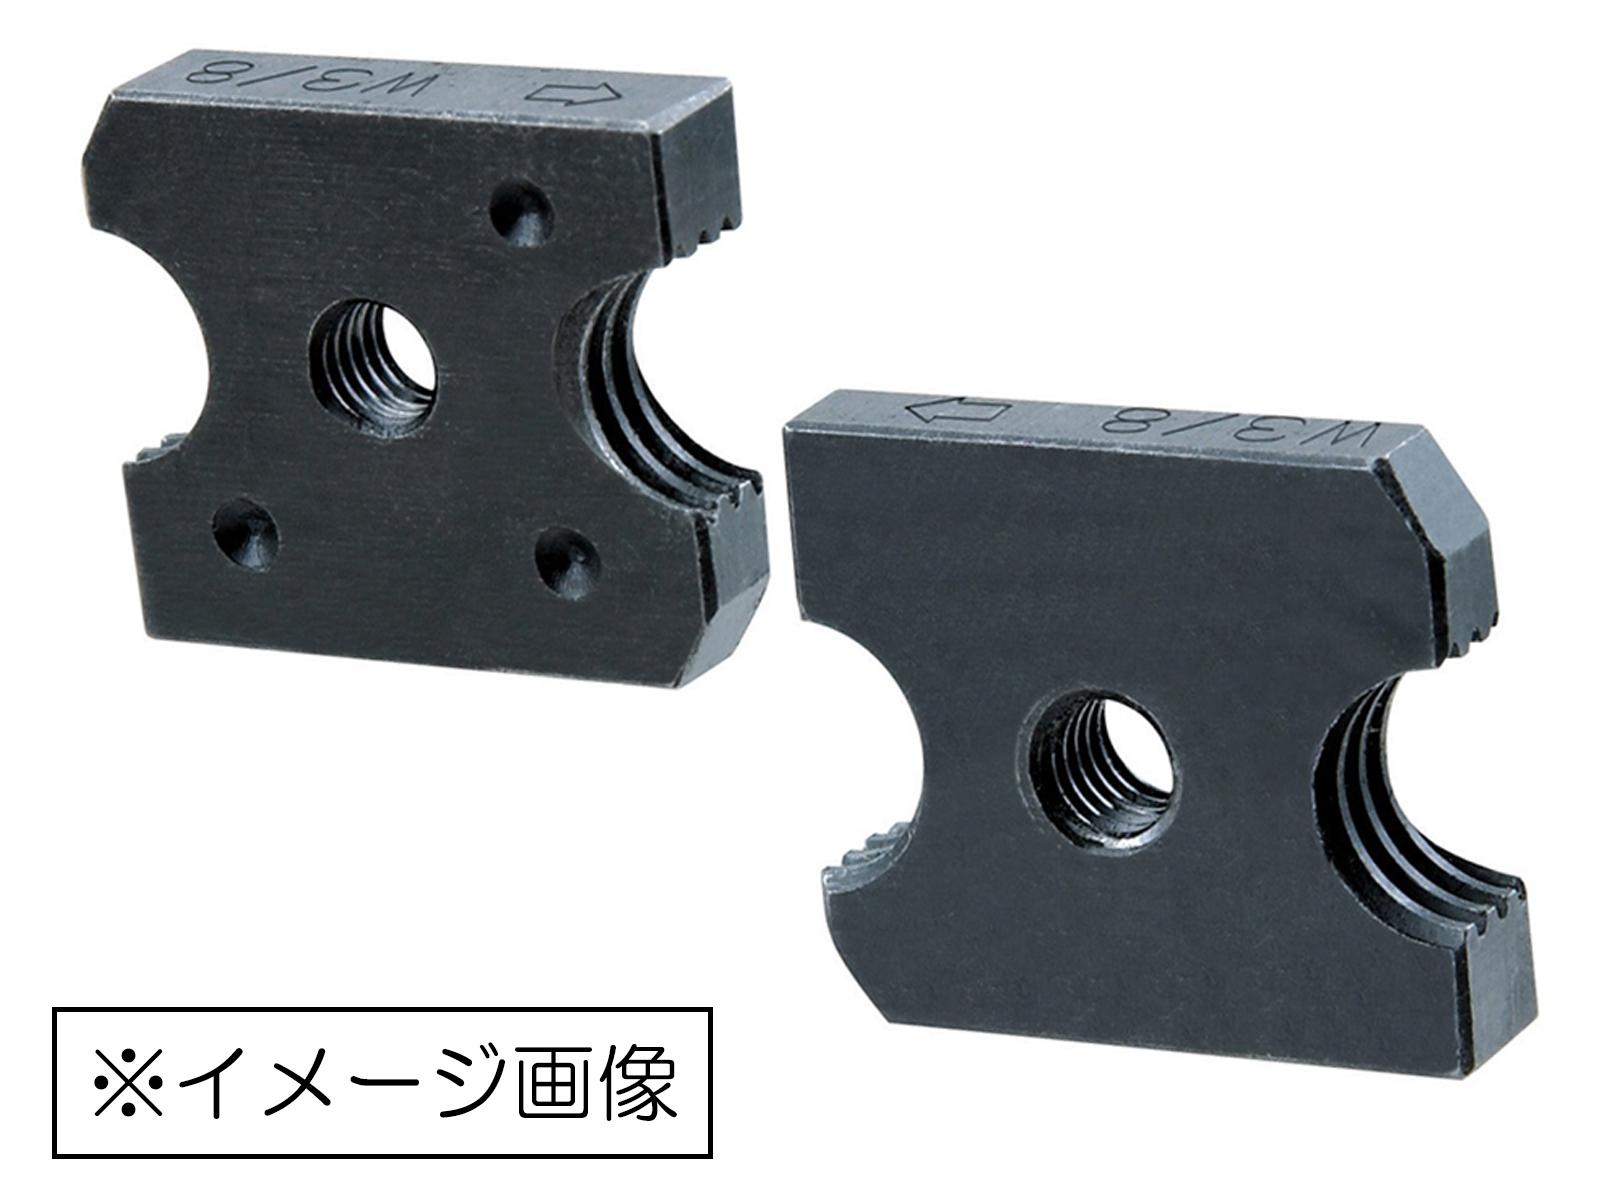 マキタ 全ネジカッタ用替刃 2個1組 引出物 年間定番 M10 軟鋼用 SC00000510